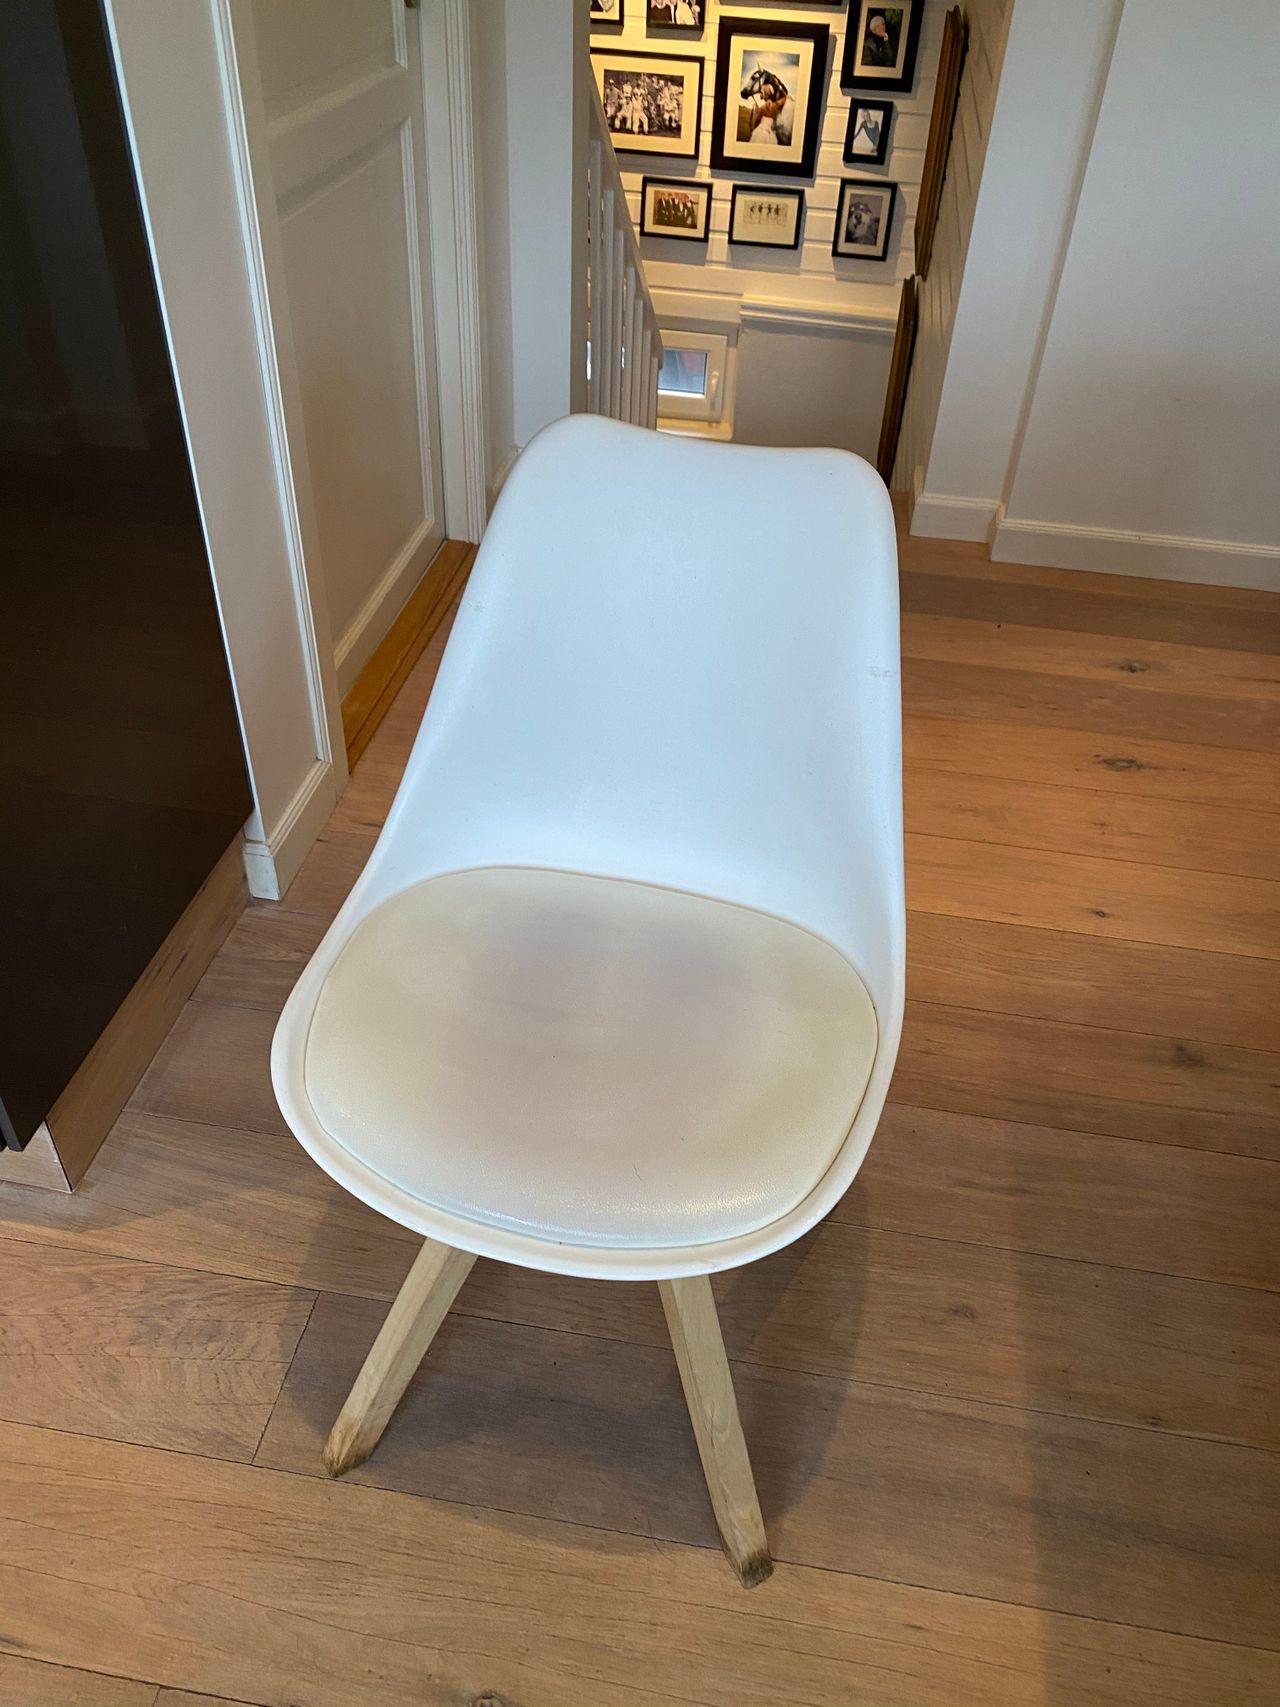 Helt nye stoler Kjøpe, selge og utveksle annonser finn den